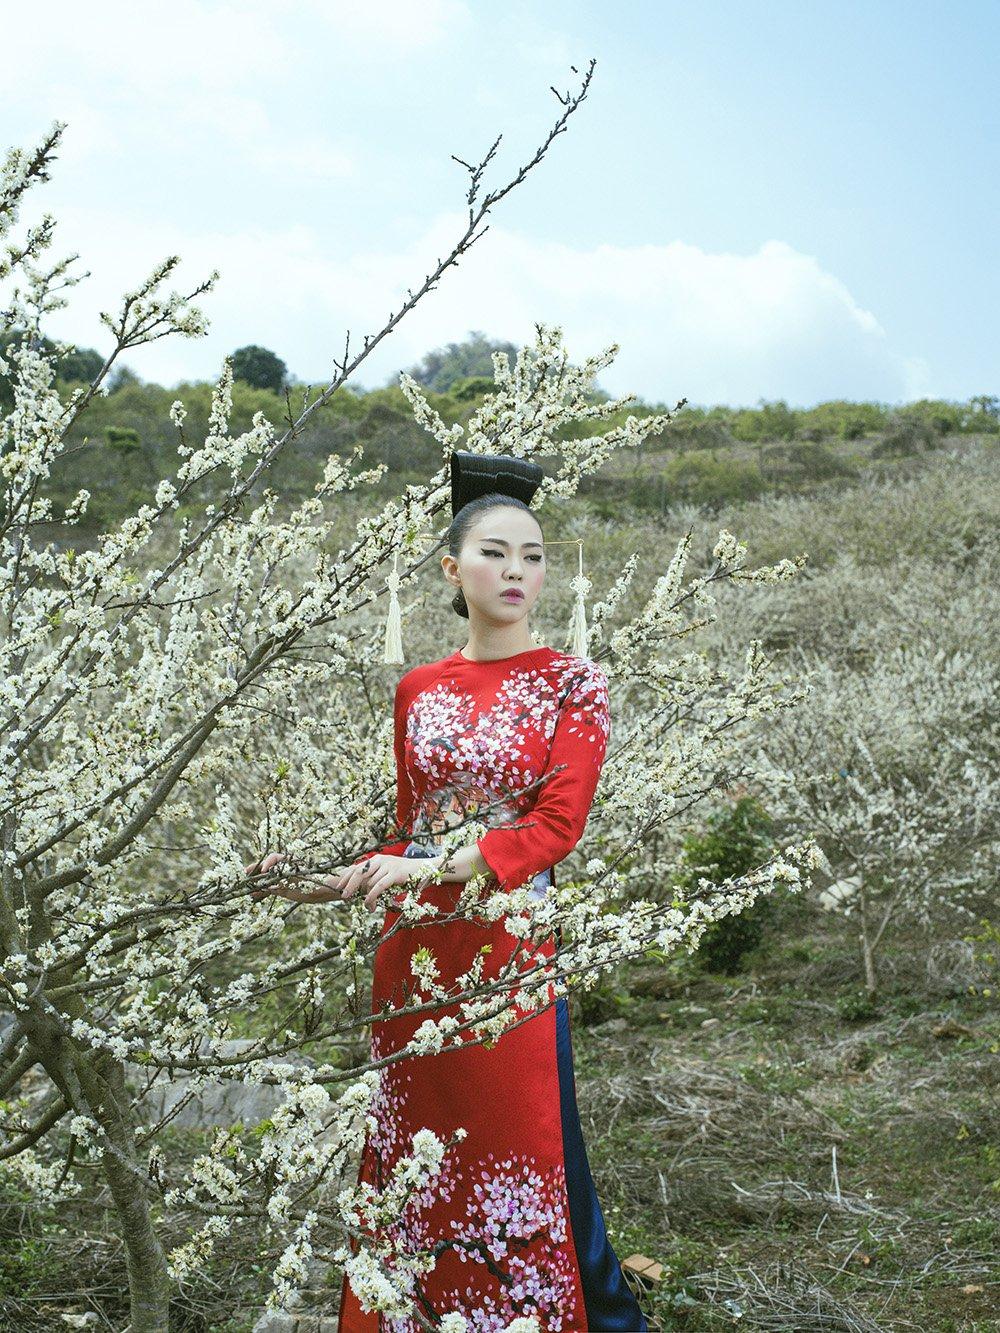 An tuong voi bo suu tap ao dai 'Mua hoa' mang phong cach Nhat Ban hinh anh 12